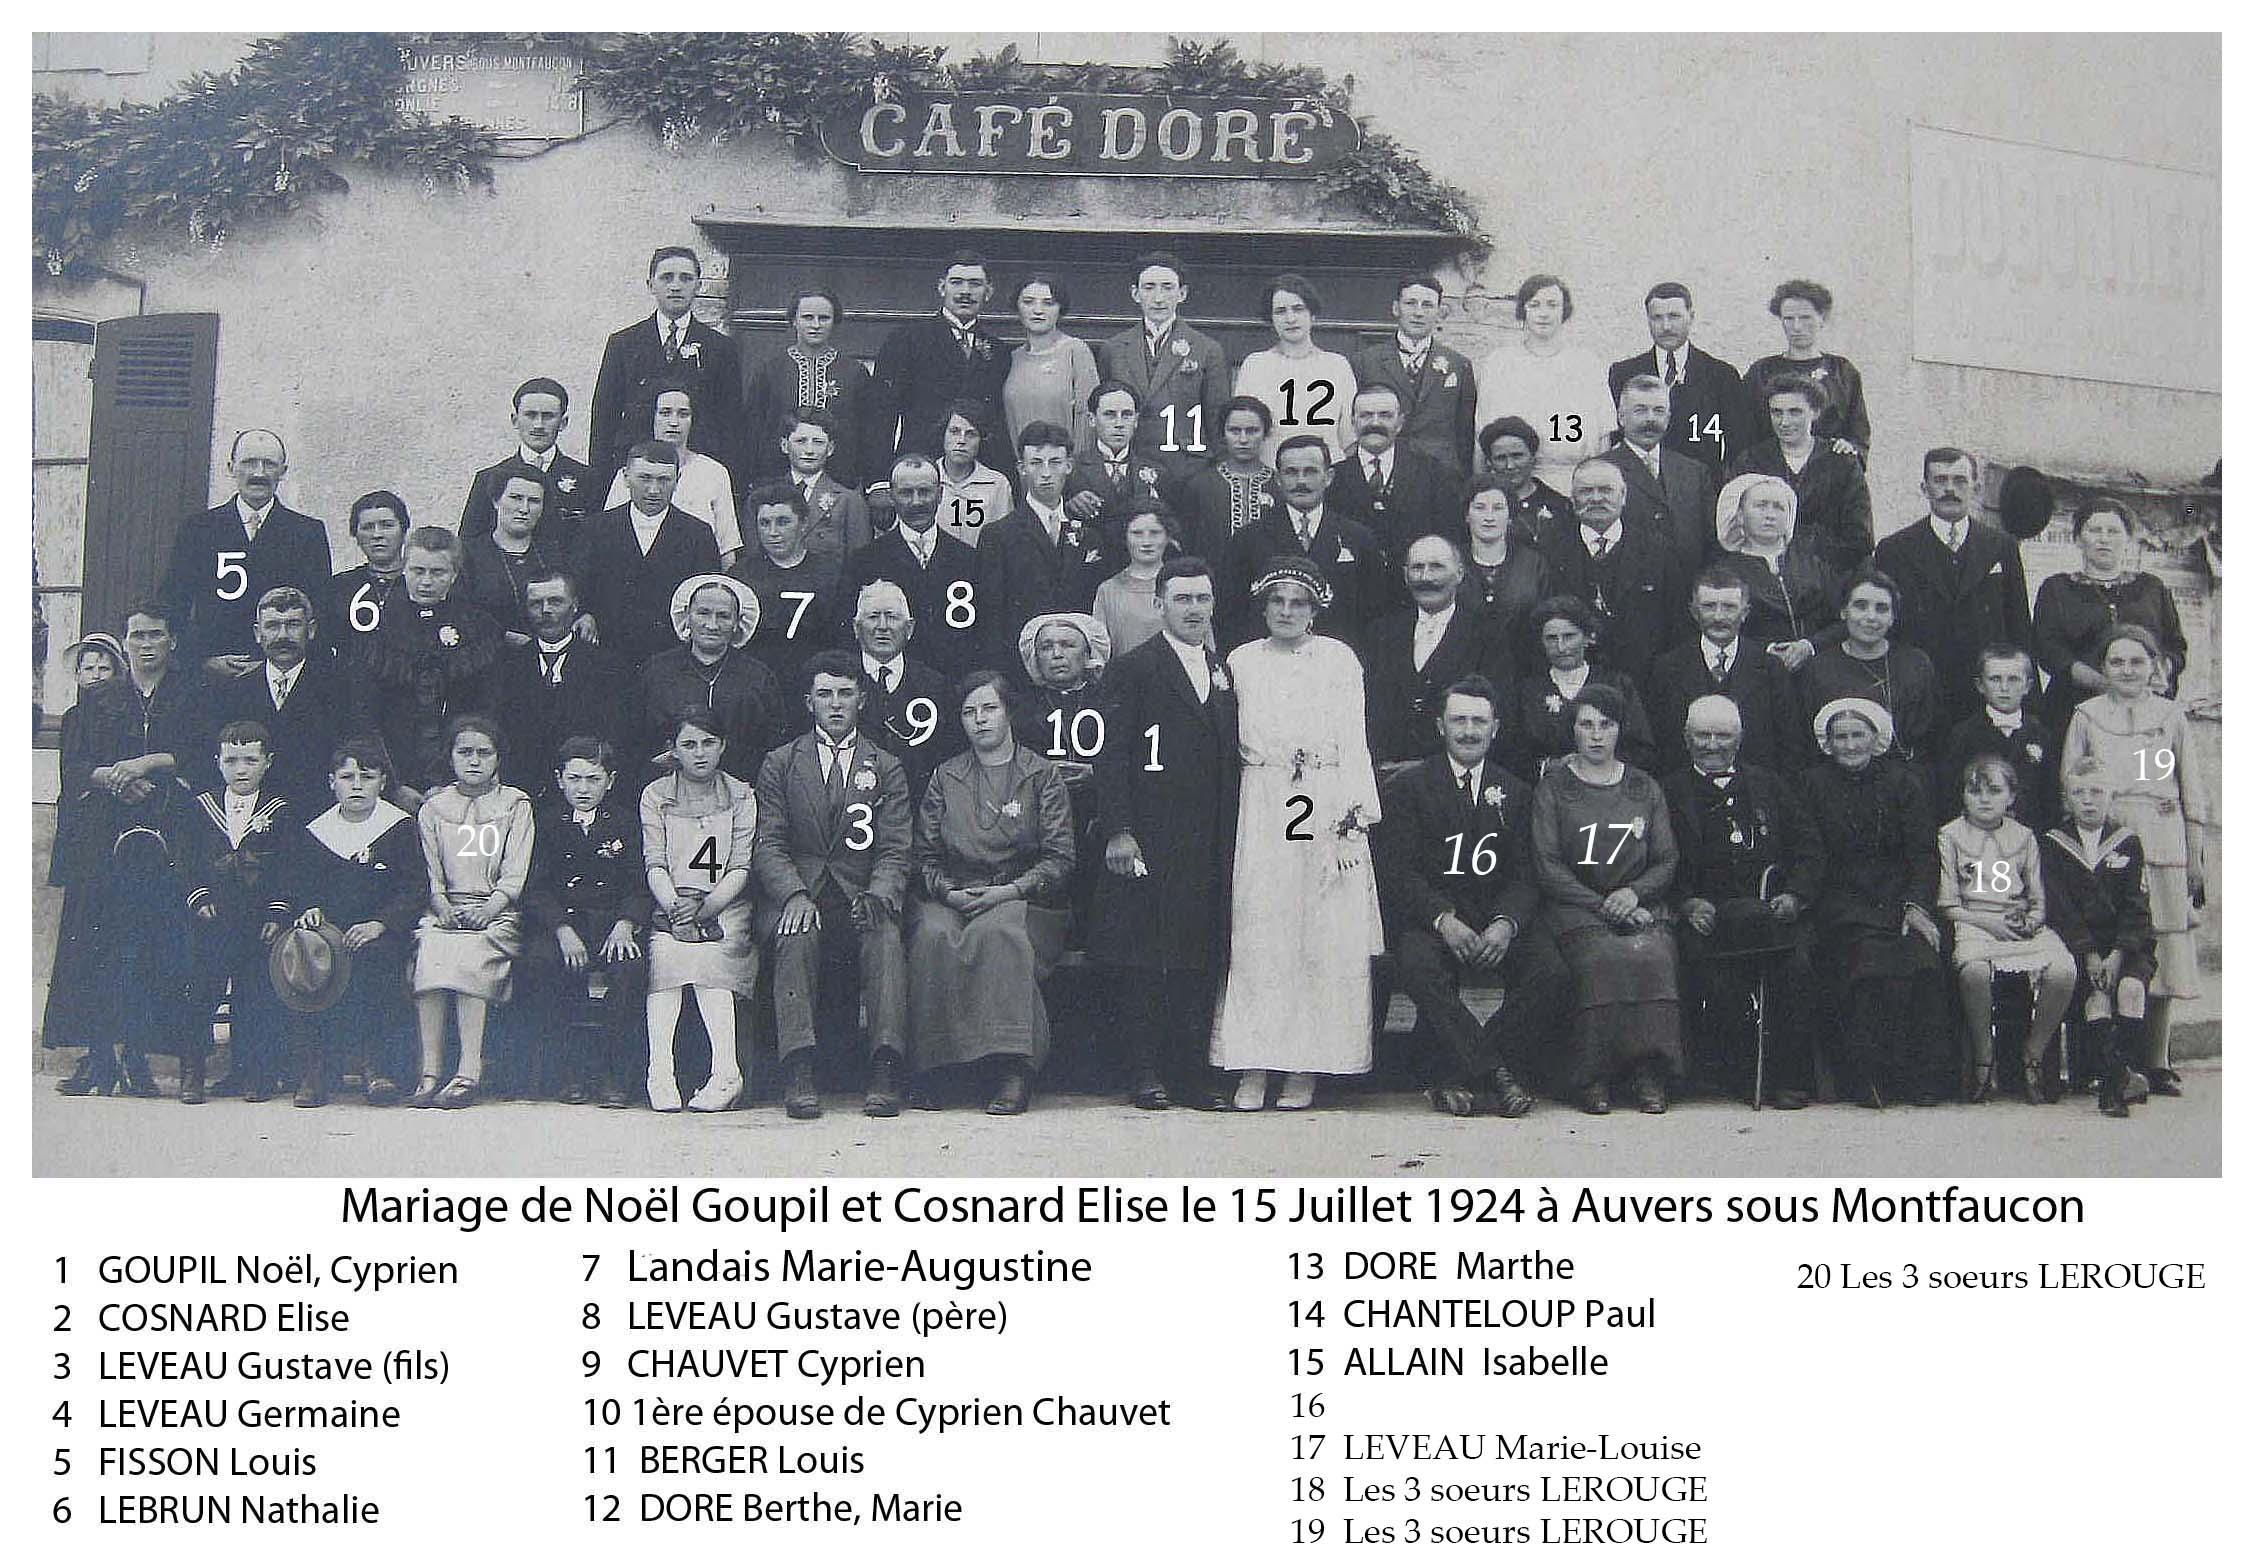 Auvers sous Montfaucon - Mariage - GOUPIL Noël et COSNARD Elise - 15 Juillet 1924 (Sylvie Leveau)